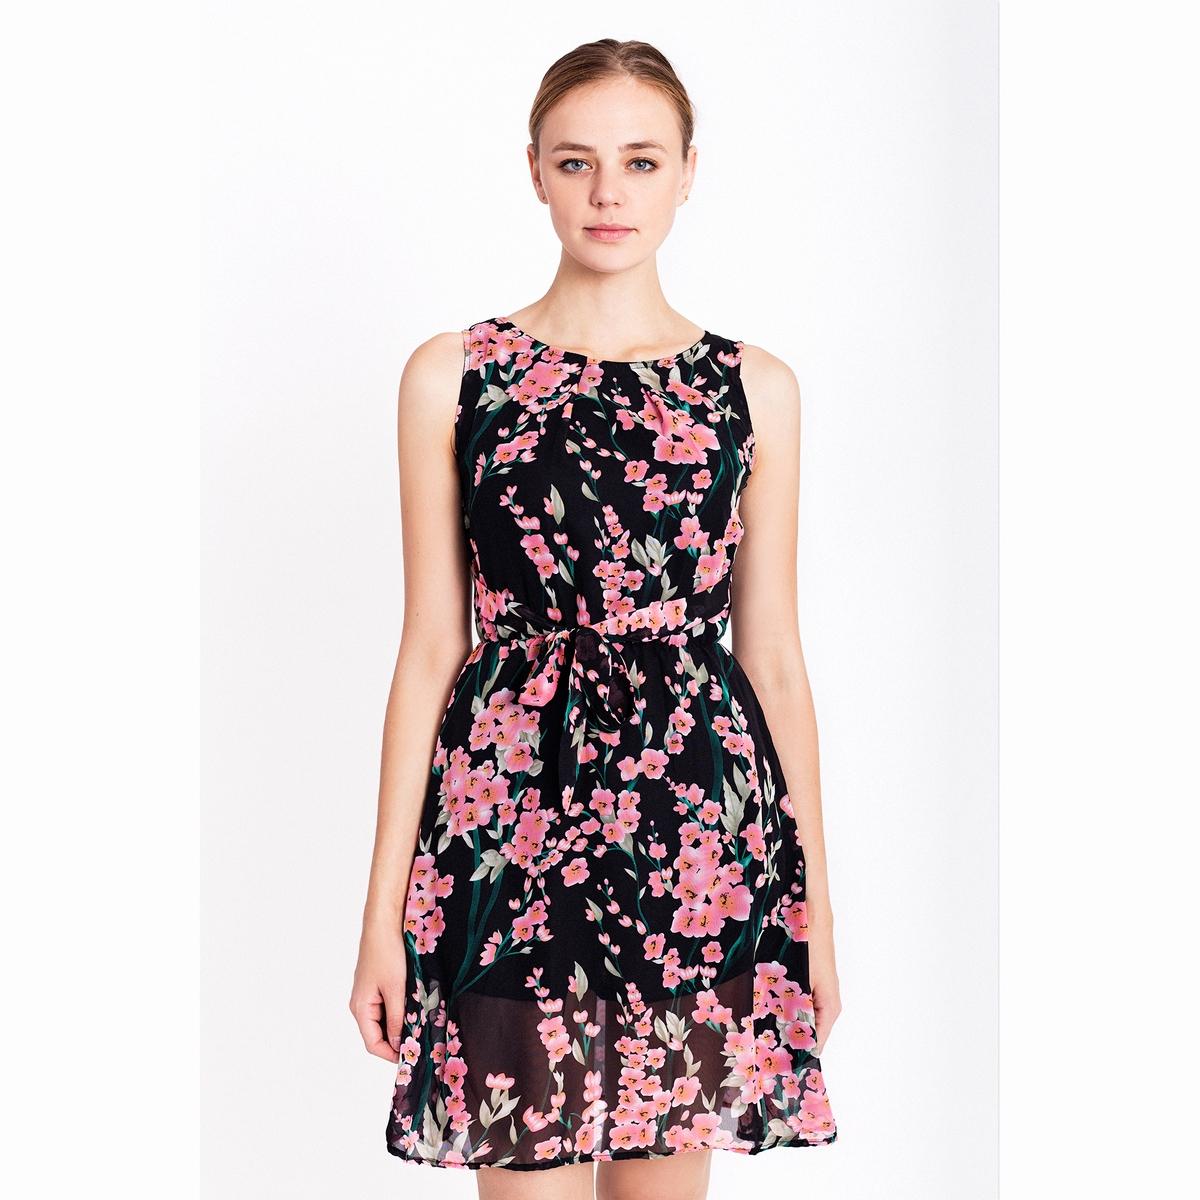 Платье из вуали с цветочным рисунком.Состав и описаниеМатериалы: 100% полиэстер.Марка: Migle+MeУходСледуйте рекомендациям по уходу, указанным на этикетке изделия.<br><br>Цвет: черный наб. рисунок<br>Размер: M